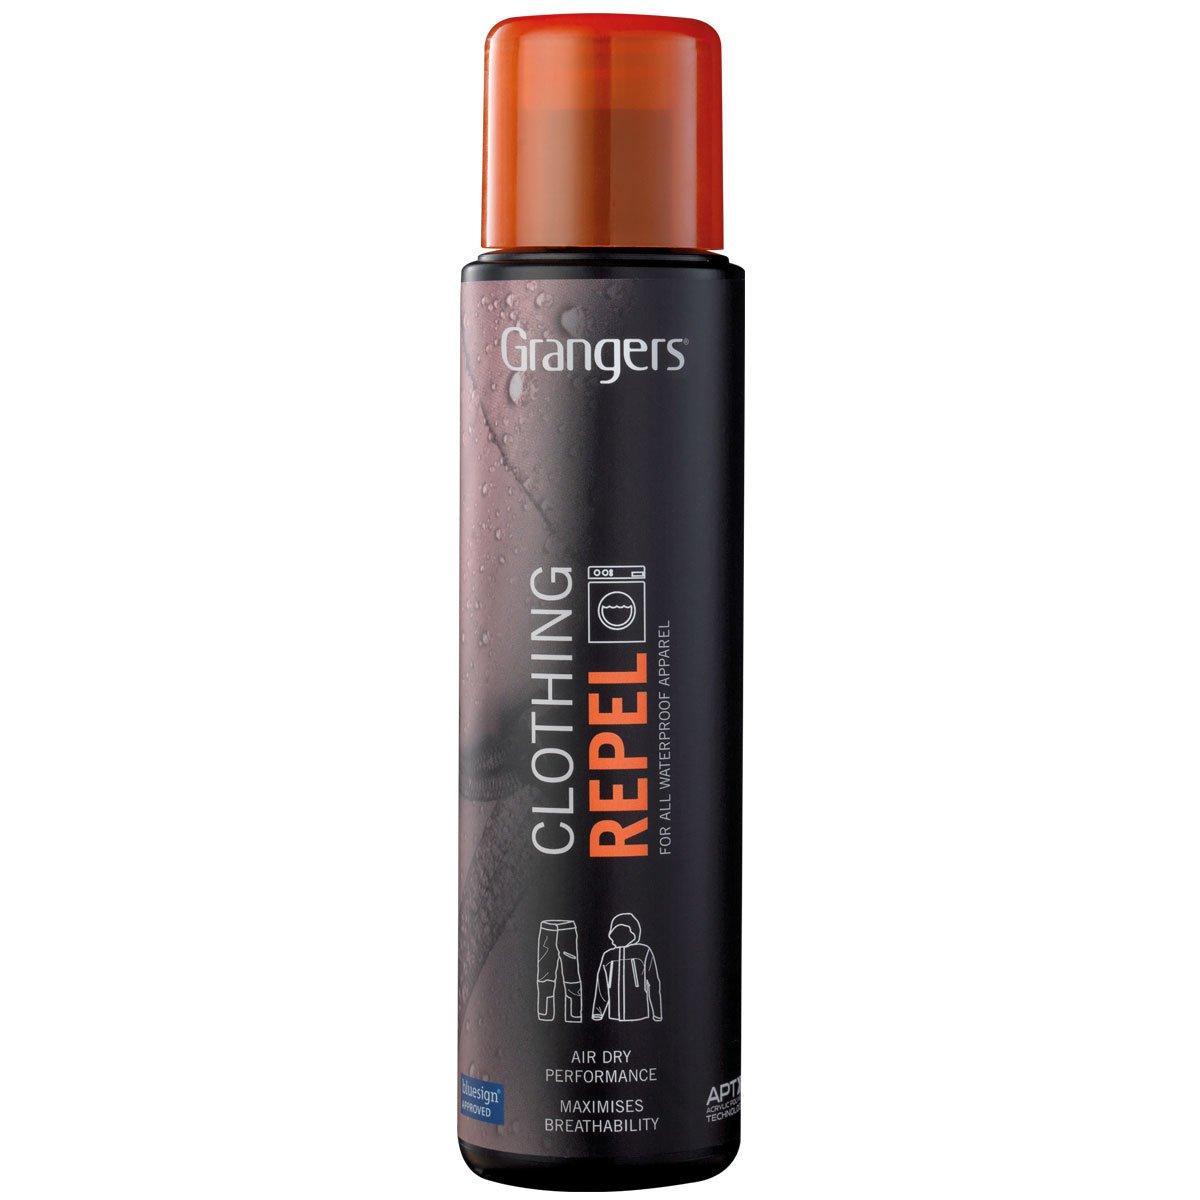 Водоотталкивающая пропитка для одежды Grangers Clothing Repel 300 ml, средство для водоотталкивающей пропитки